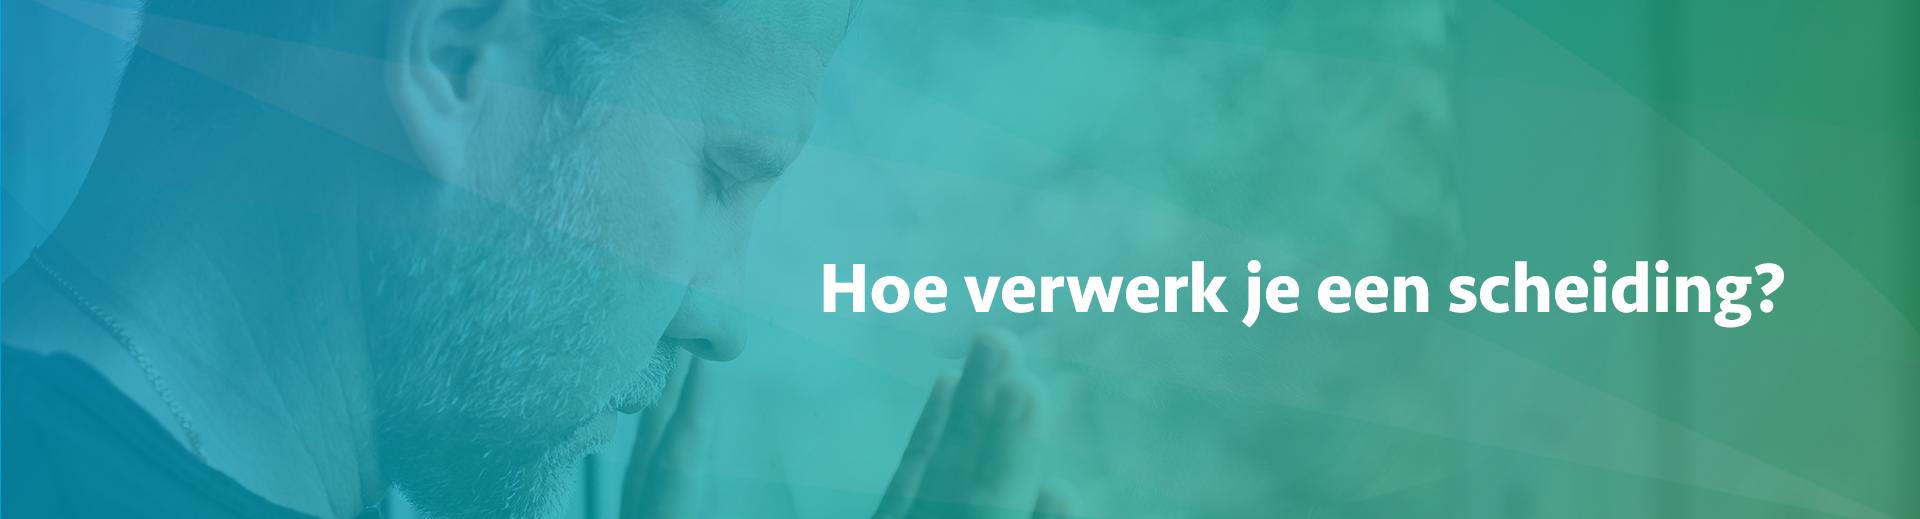 hoe verwerk je een scheiding - - Scheidingsplanner Almelo - Deventer - Nijverdal